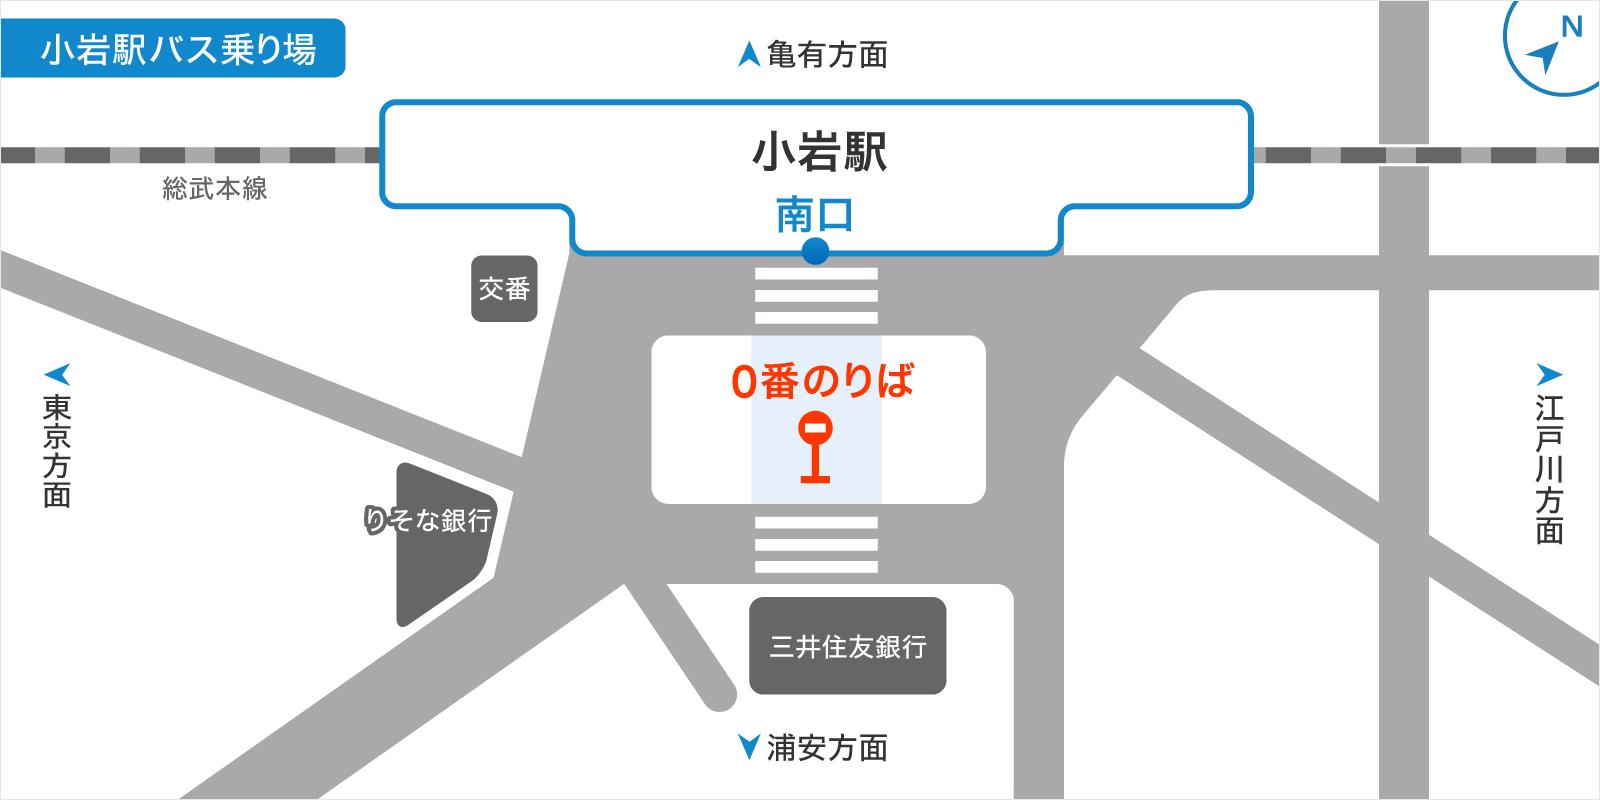 小岩駅バス乗り場の画像